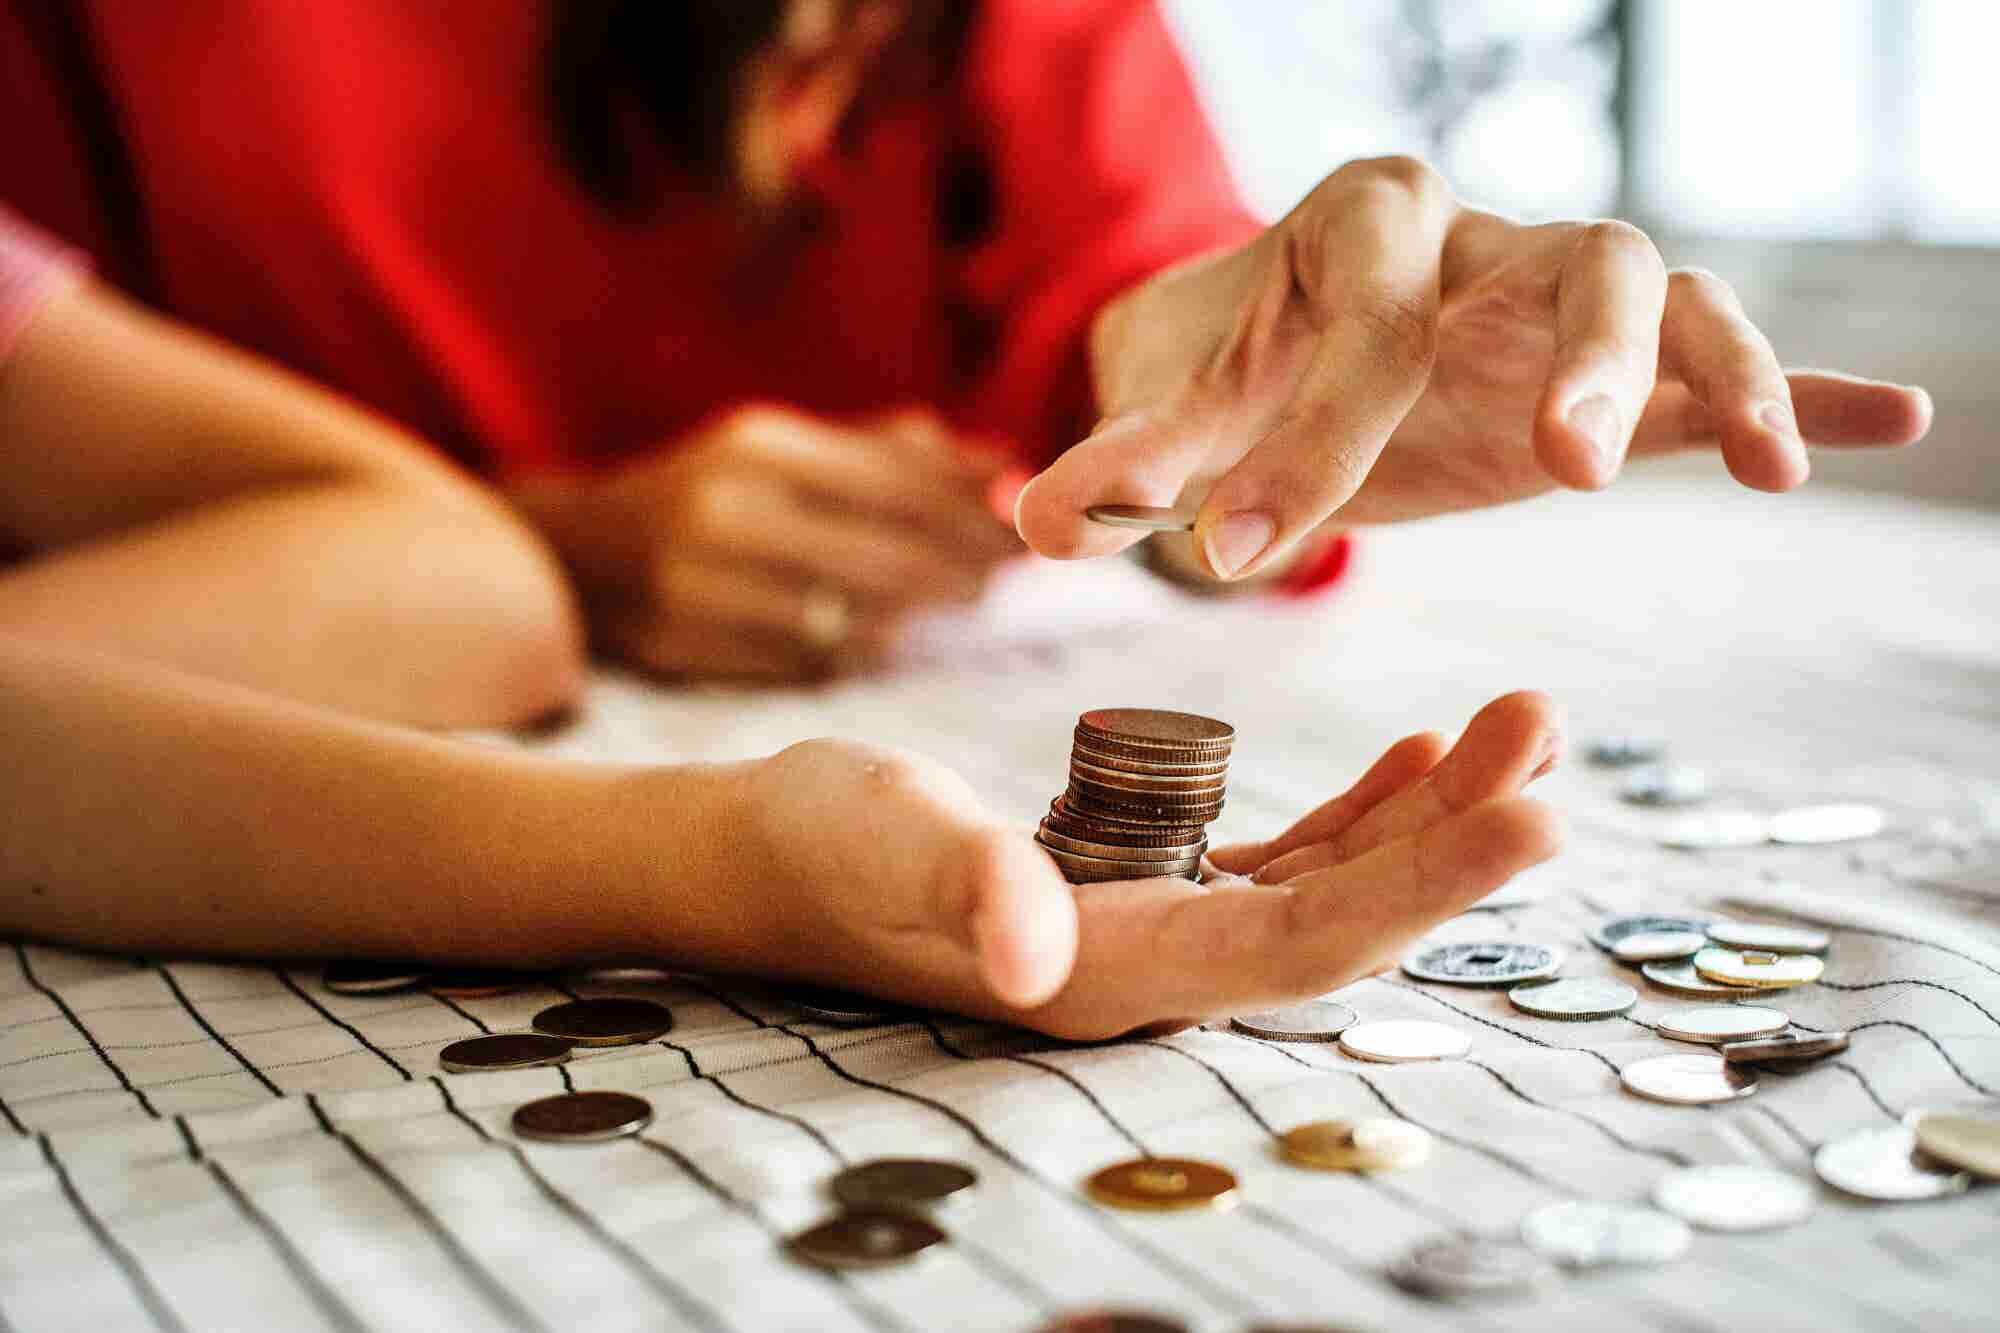 Cómo ahorrar dinero 'rápido' en 2019